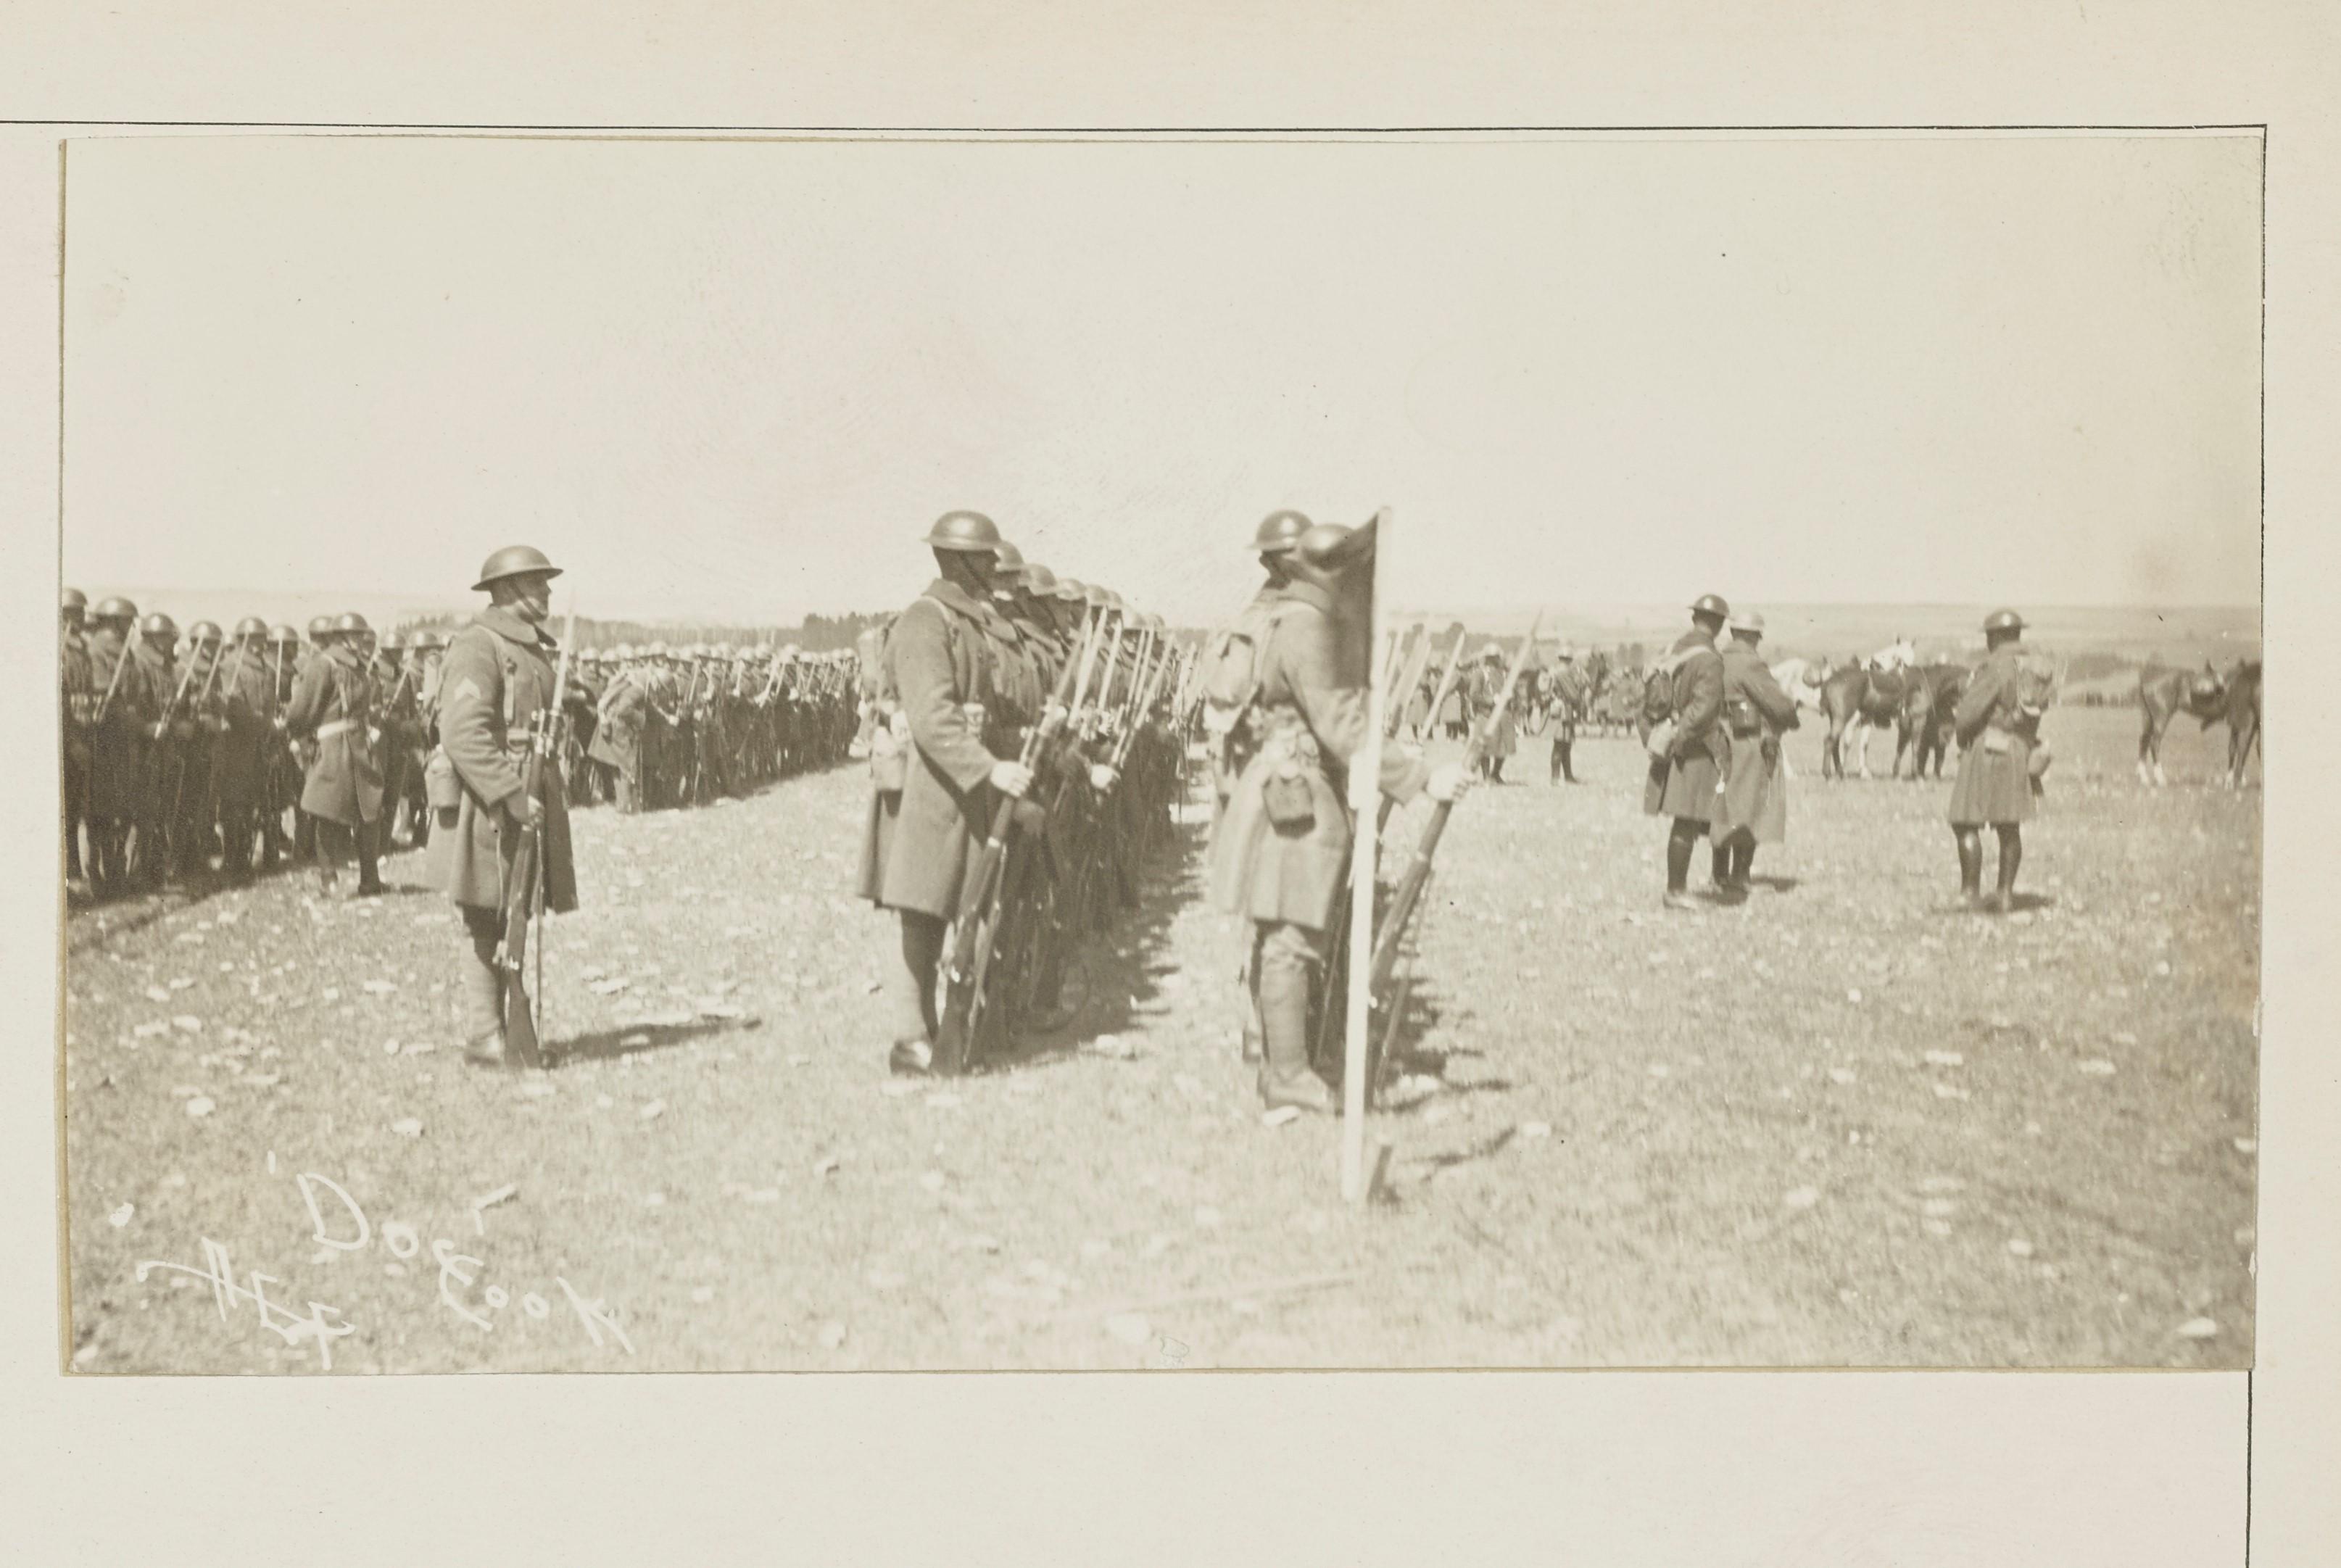 Le 352e régiment d'infanterie à l'occasion d'une revue de la division à Gondrecourt NARA 165-WW-91A-010